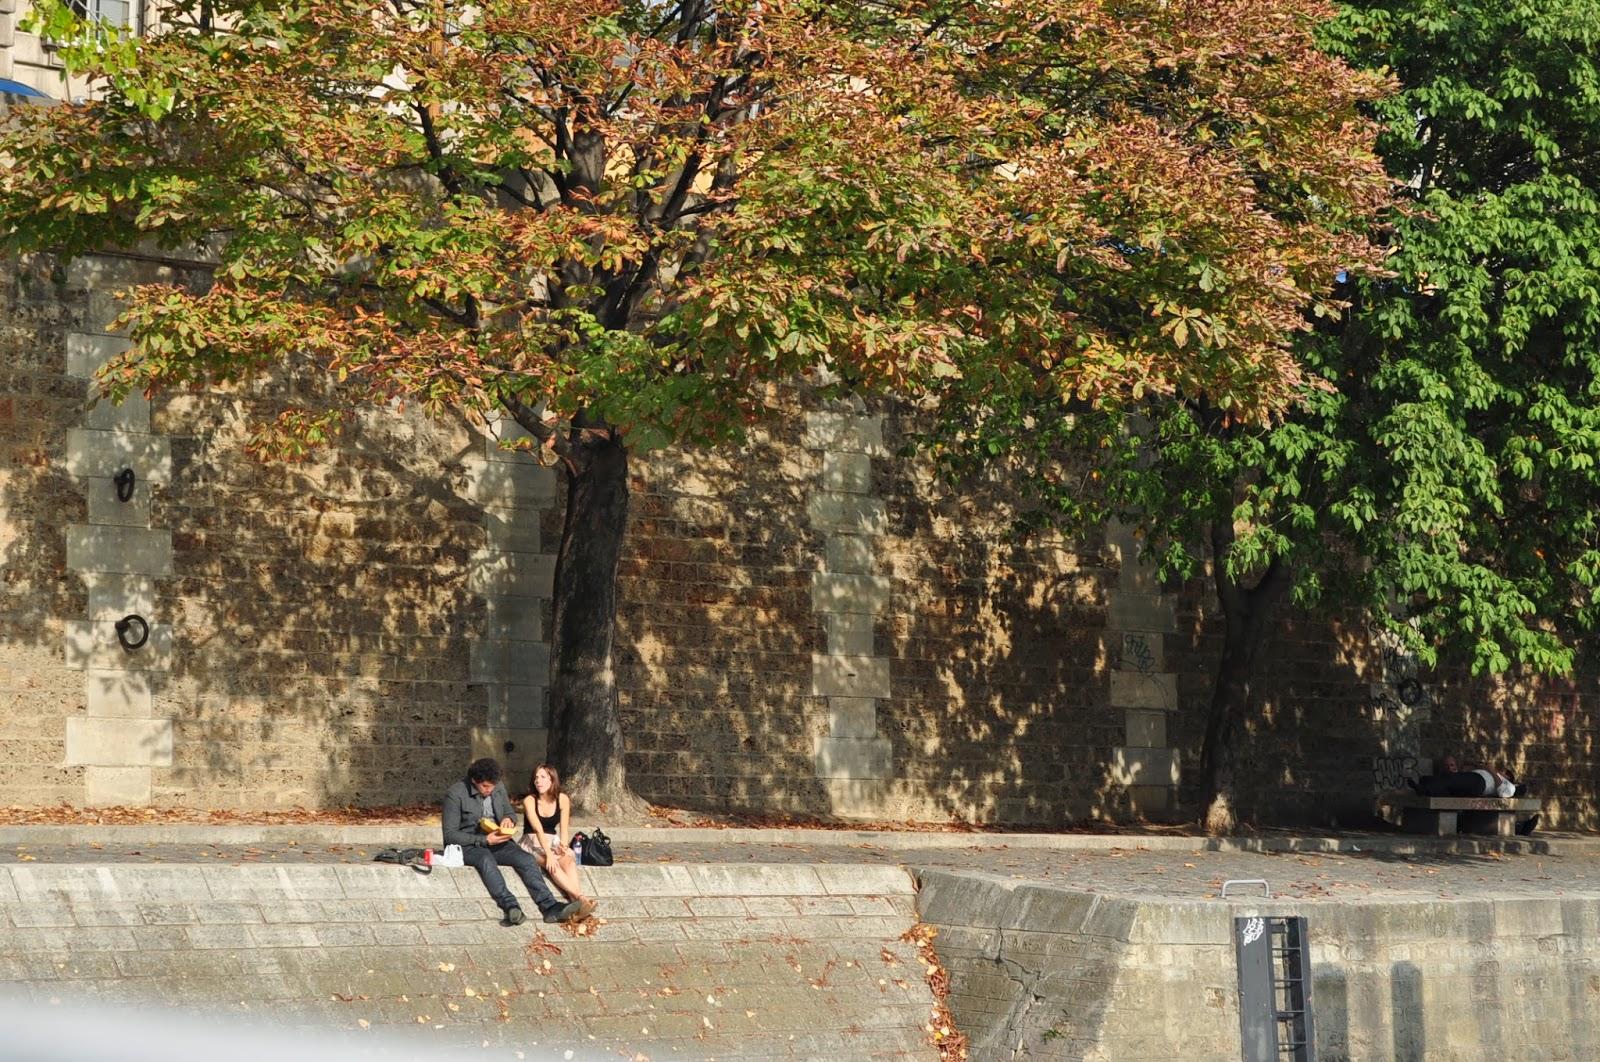 Парижани с радост се разхождат, ядат, четат, спят и прочие по кейвете на Сена без въобще да се притесняват от нечистотиите и от носещите се изпарения на тиня и ...урина.